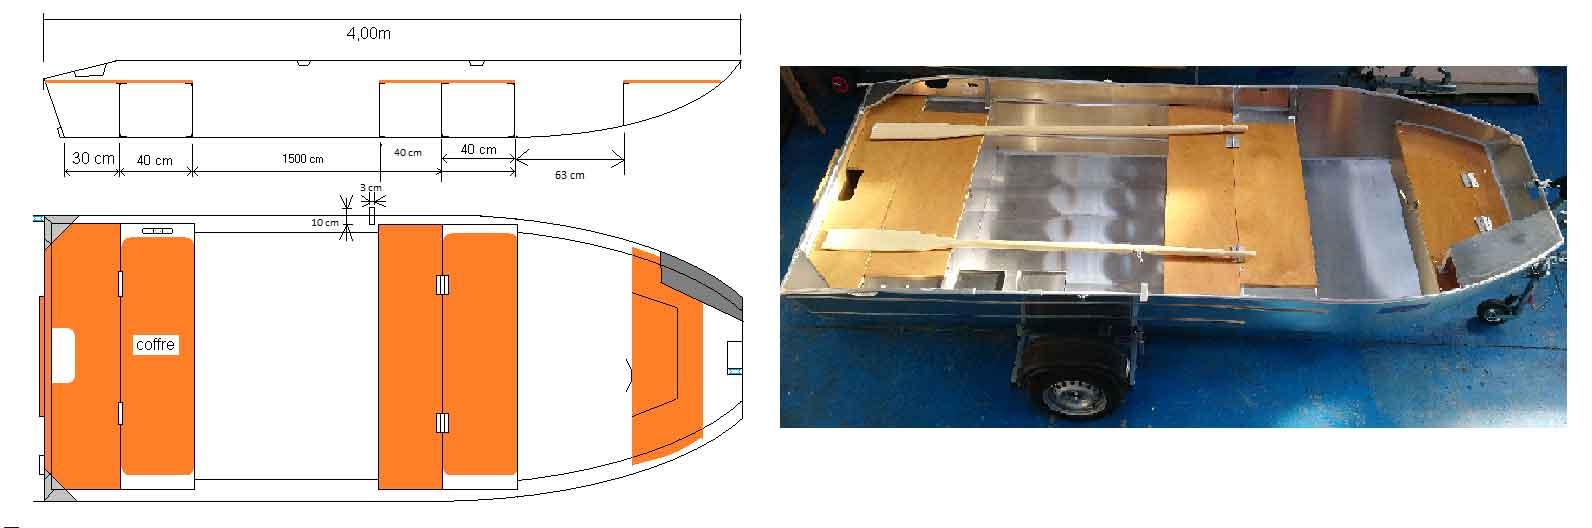 Barco de aluminio personalizable